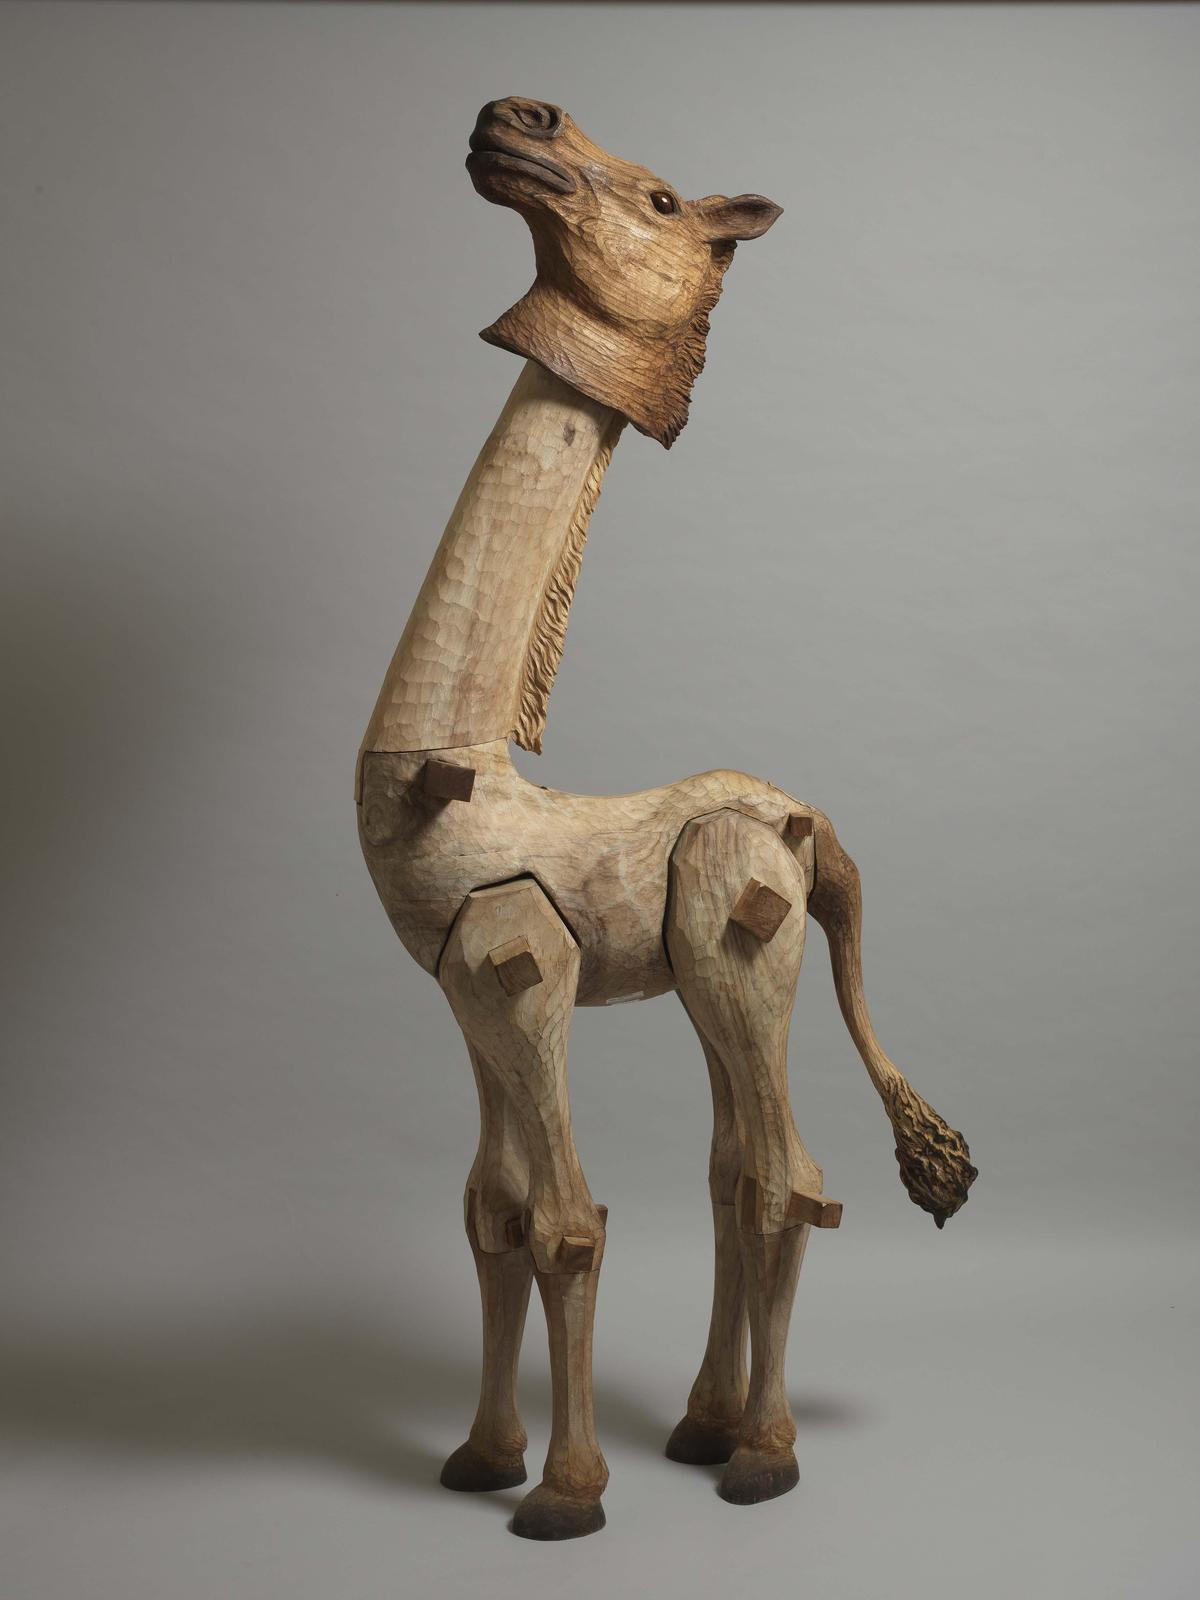 得獎作品《指鹿為馬》現於三義木雕博物館典藏中。